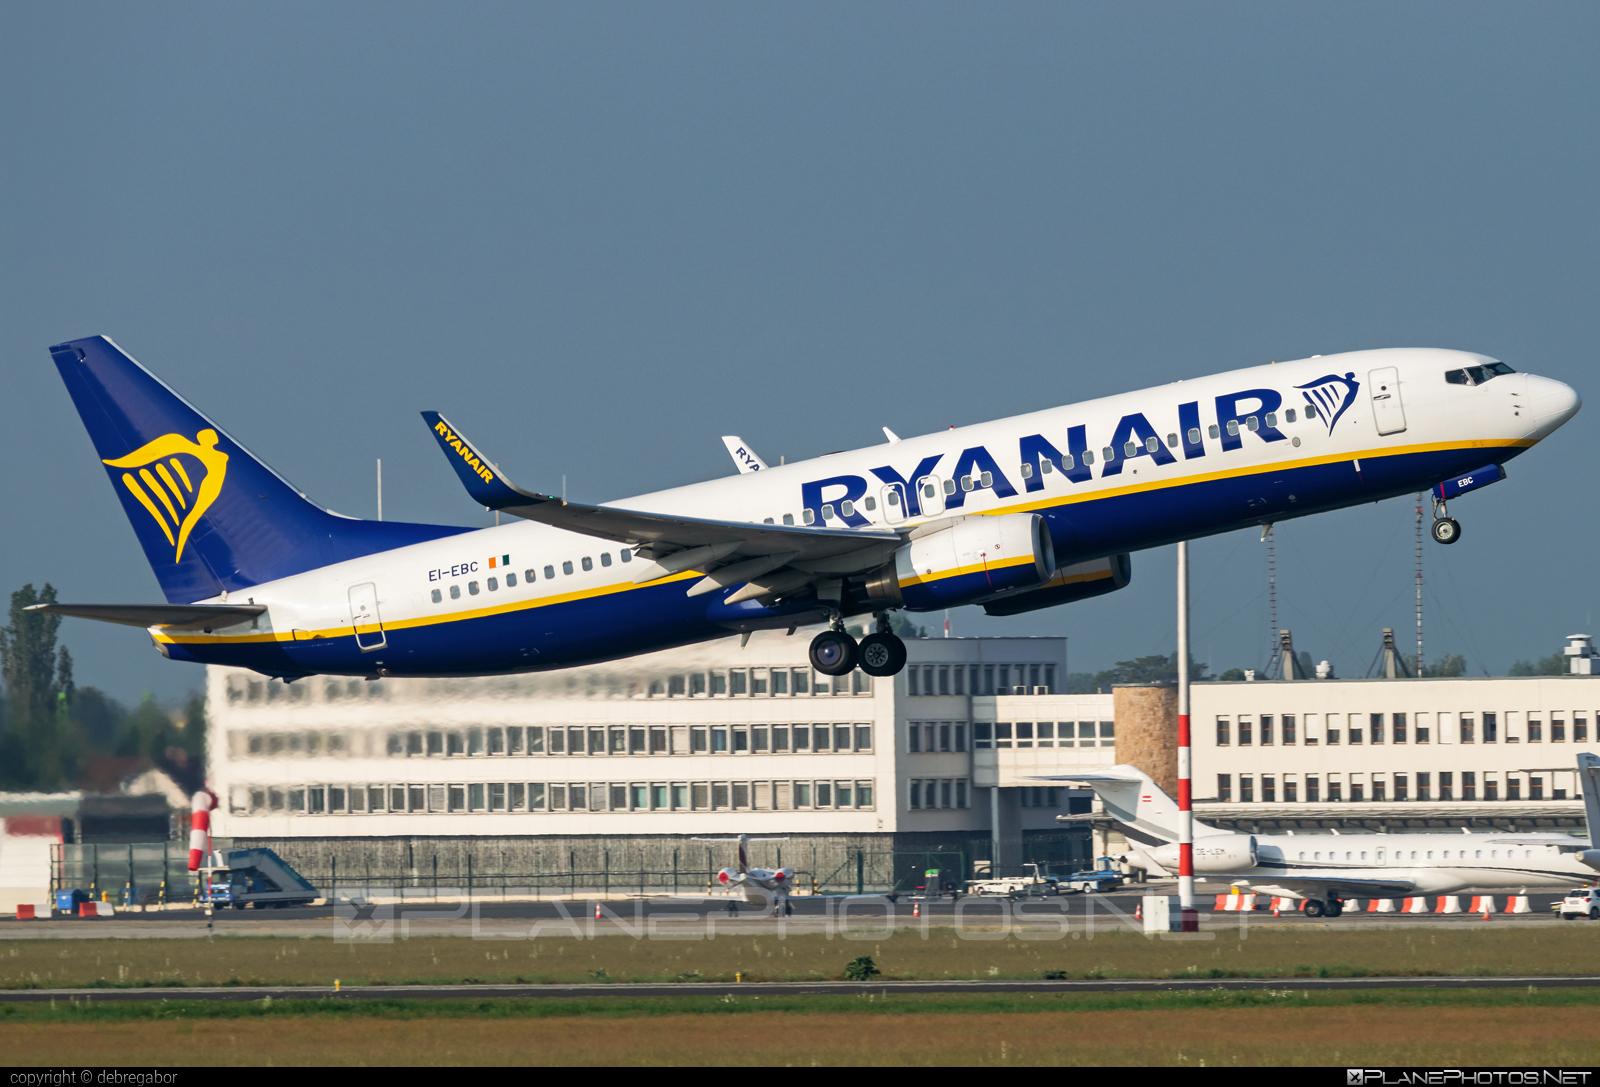 Boeing 737-800 - EI-EBC operated by Ryanair #b737 #b737nextgen #b737ng #boeing #boeing737 #ryanair